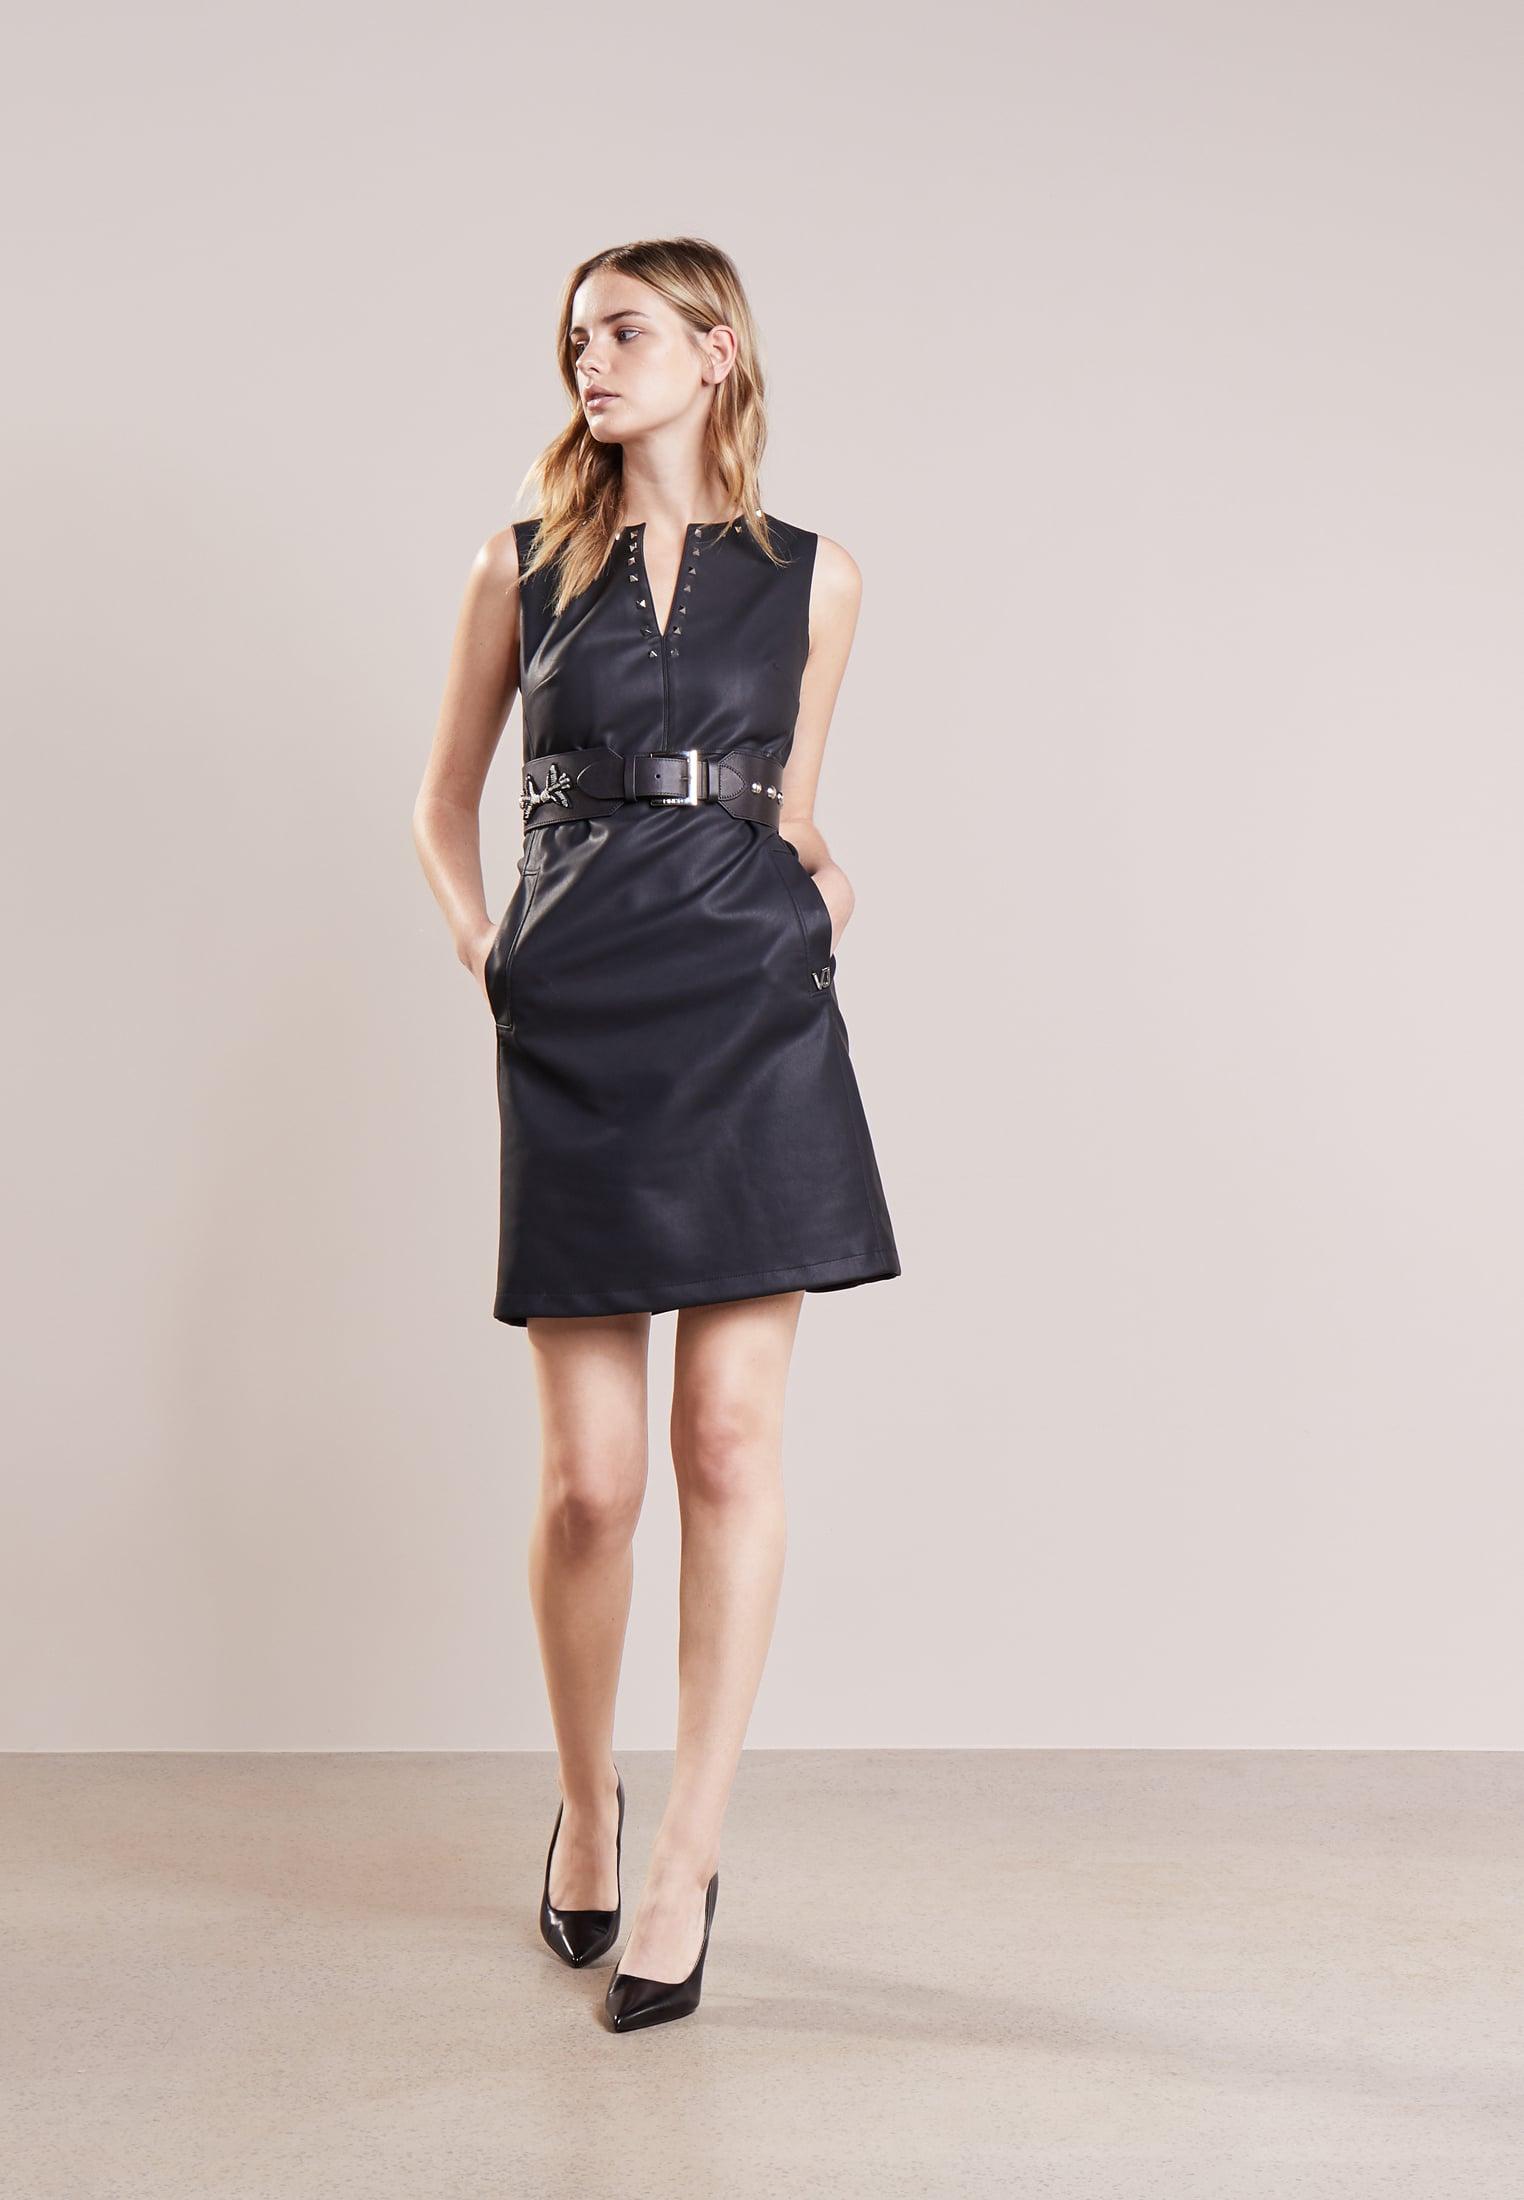 czarna skórzana sukienka koktajlowa na sylwestra